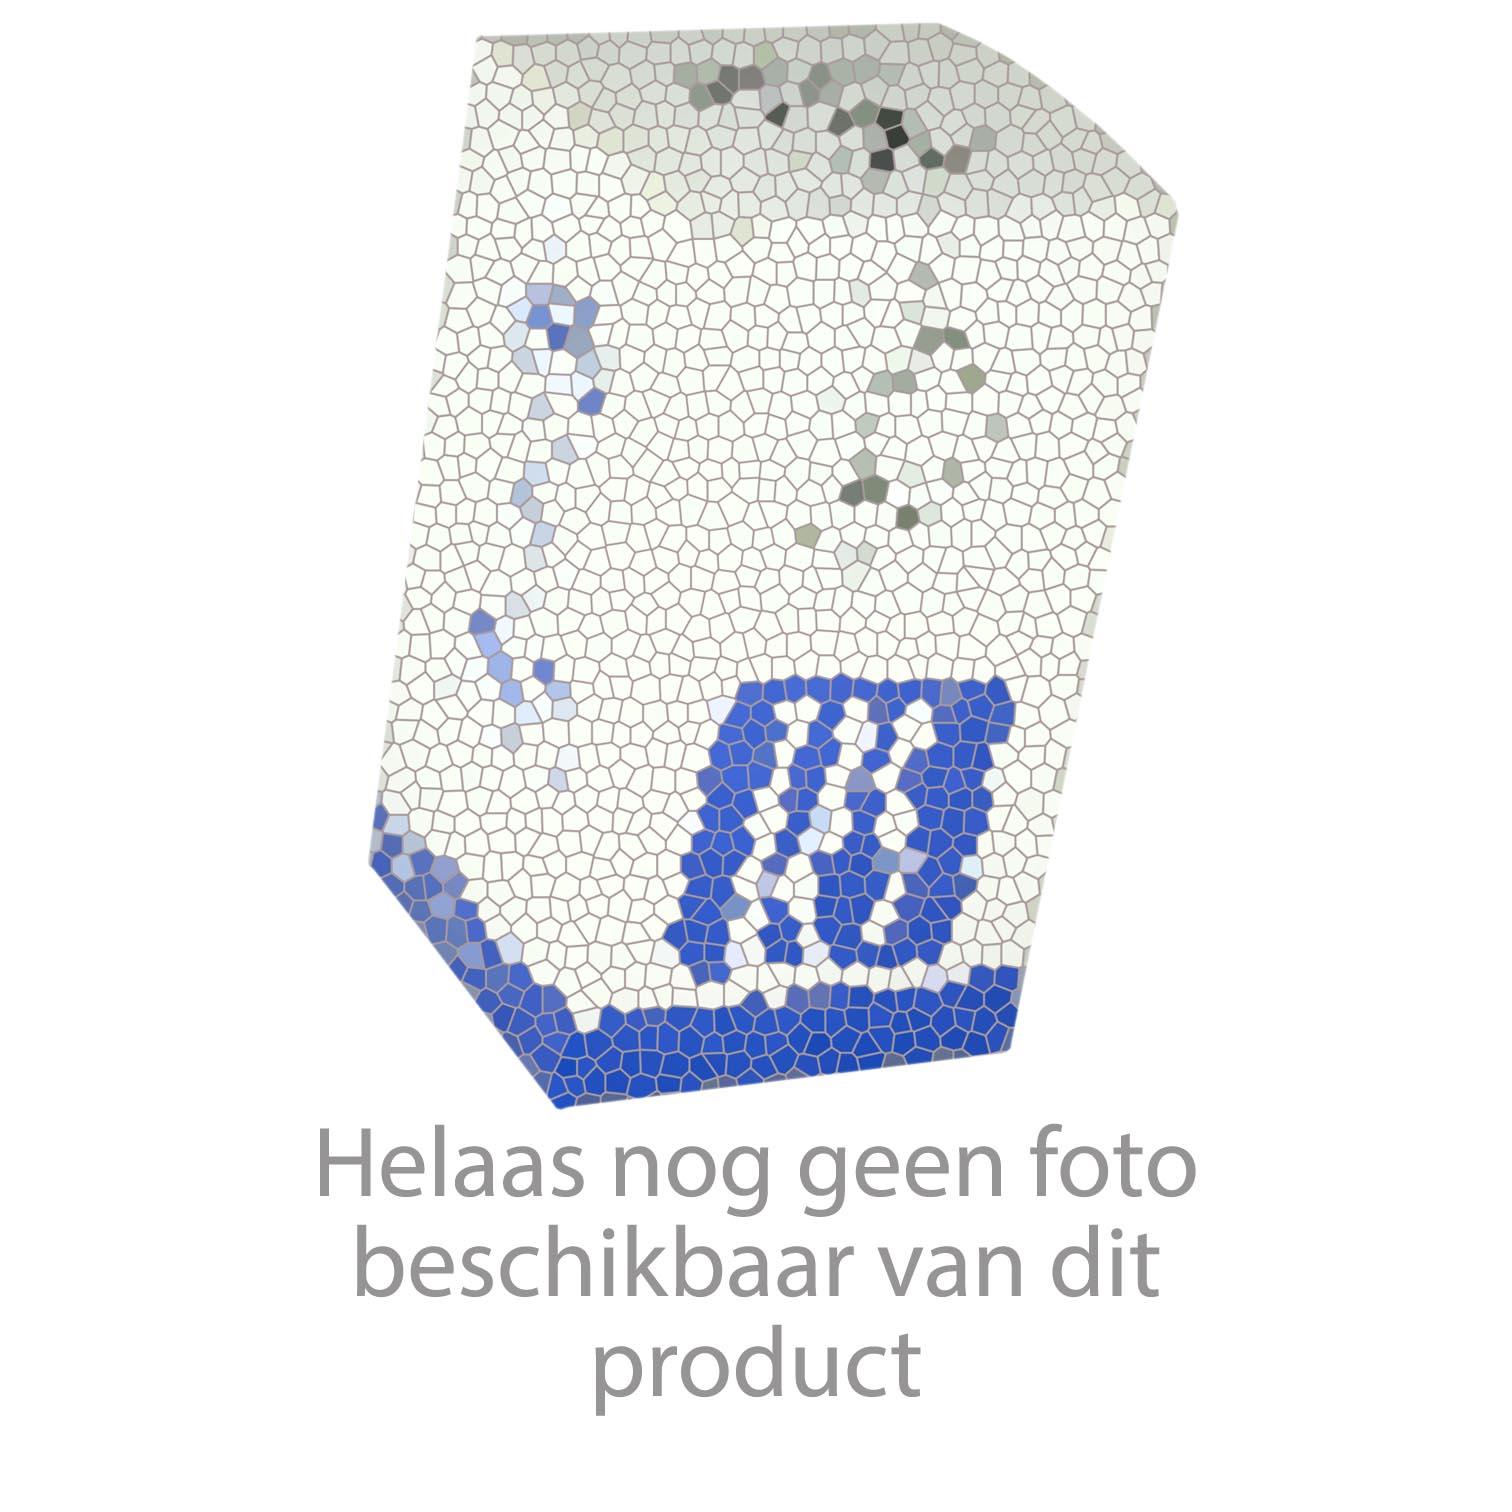 Alape Stahlform uitstortgootsteen plaatstaal 51x36cm met blauwe rand en overloop wit